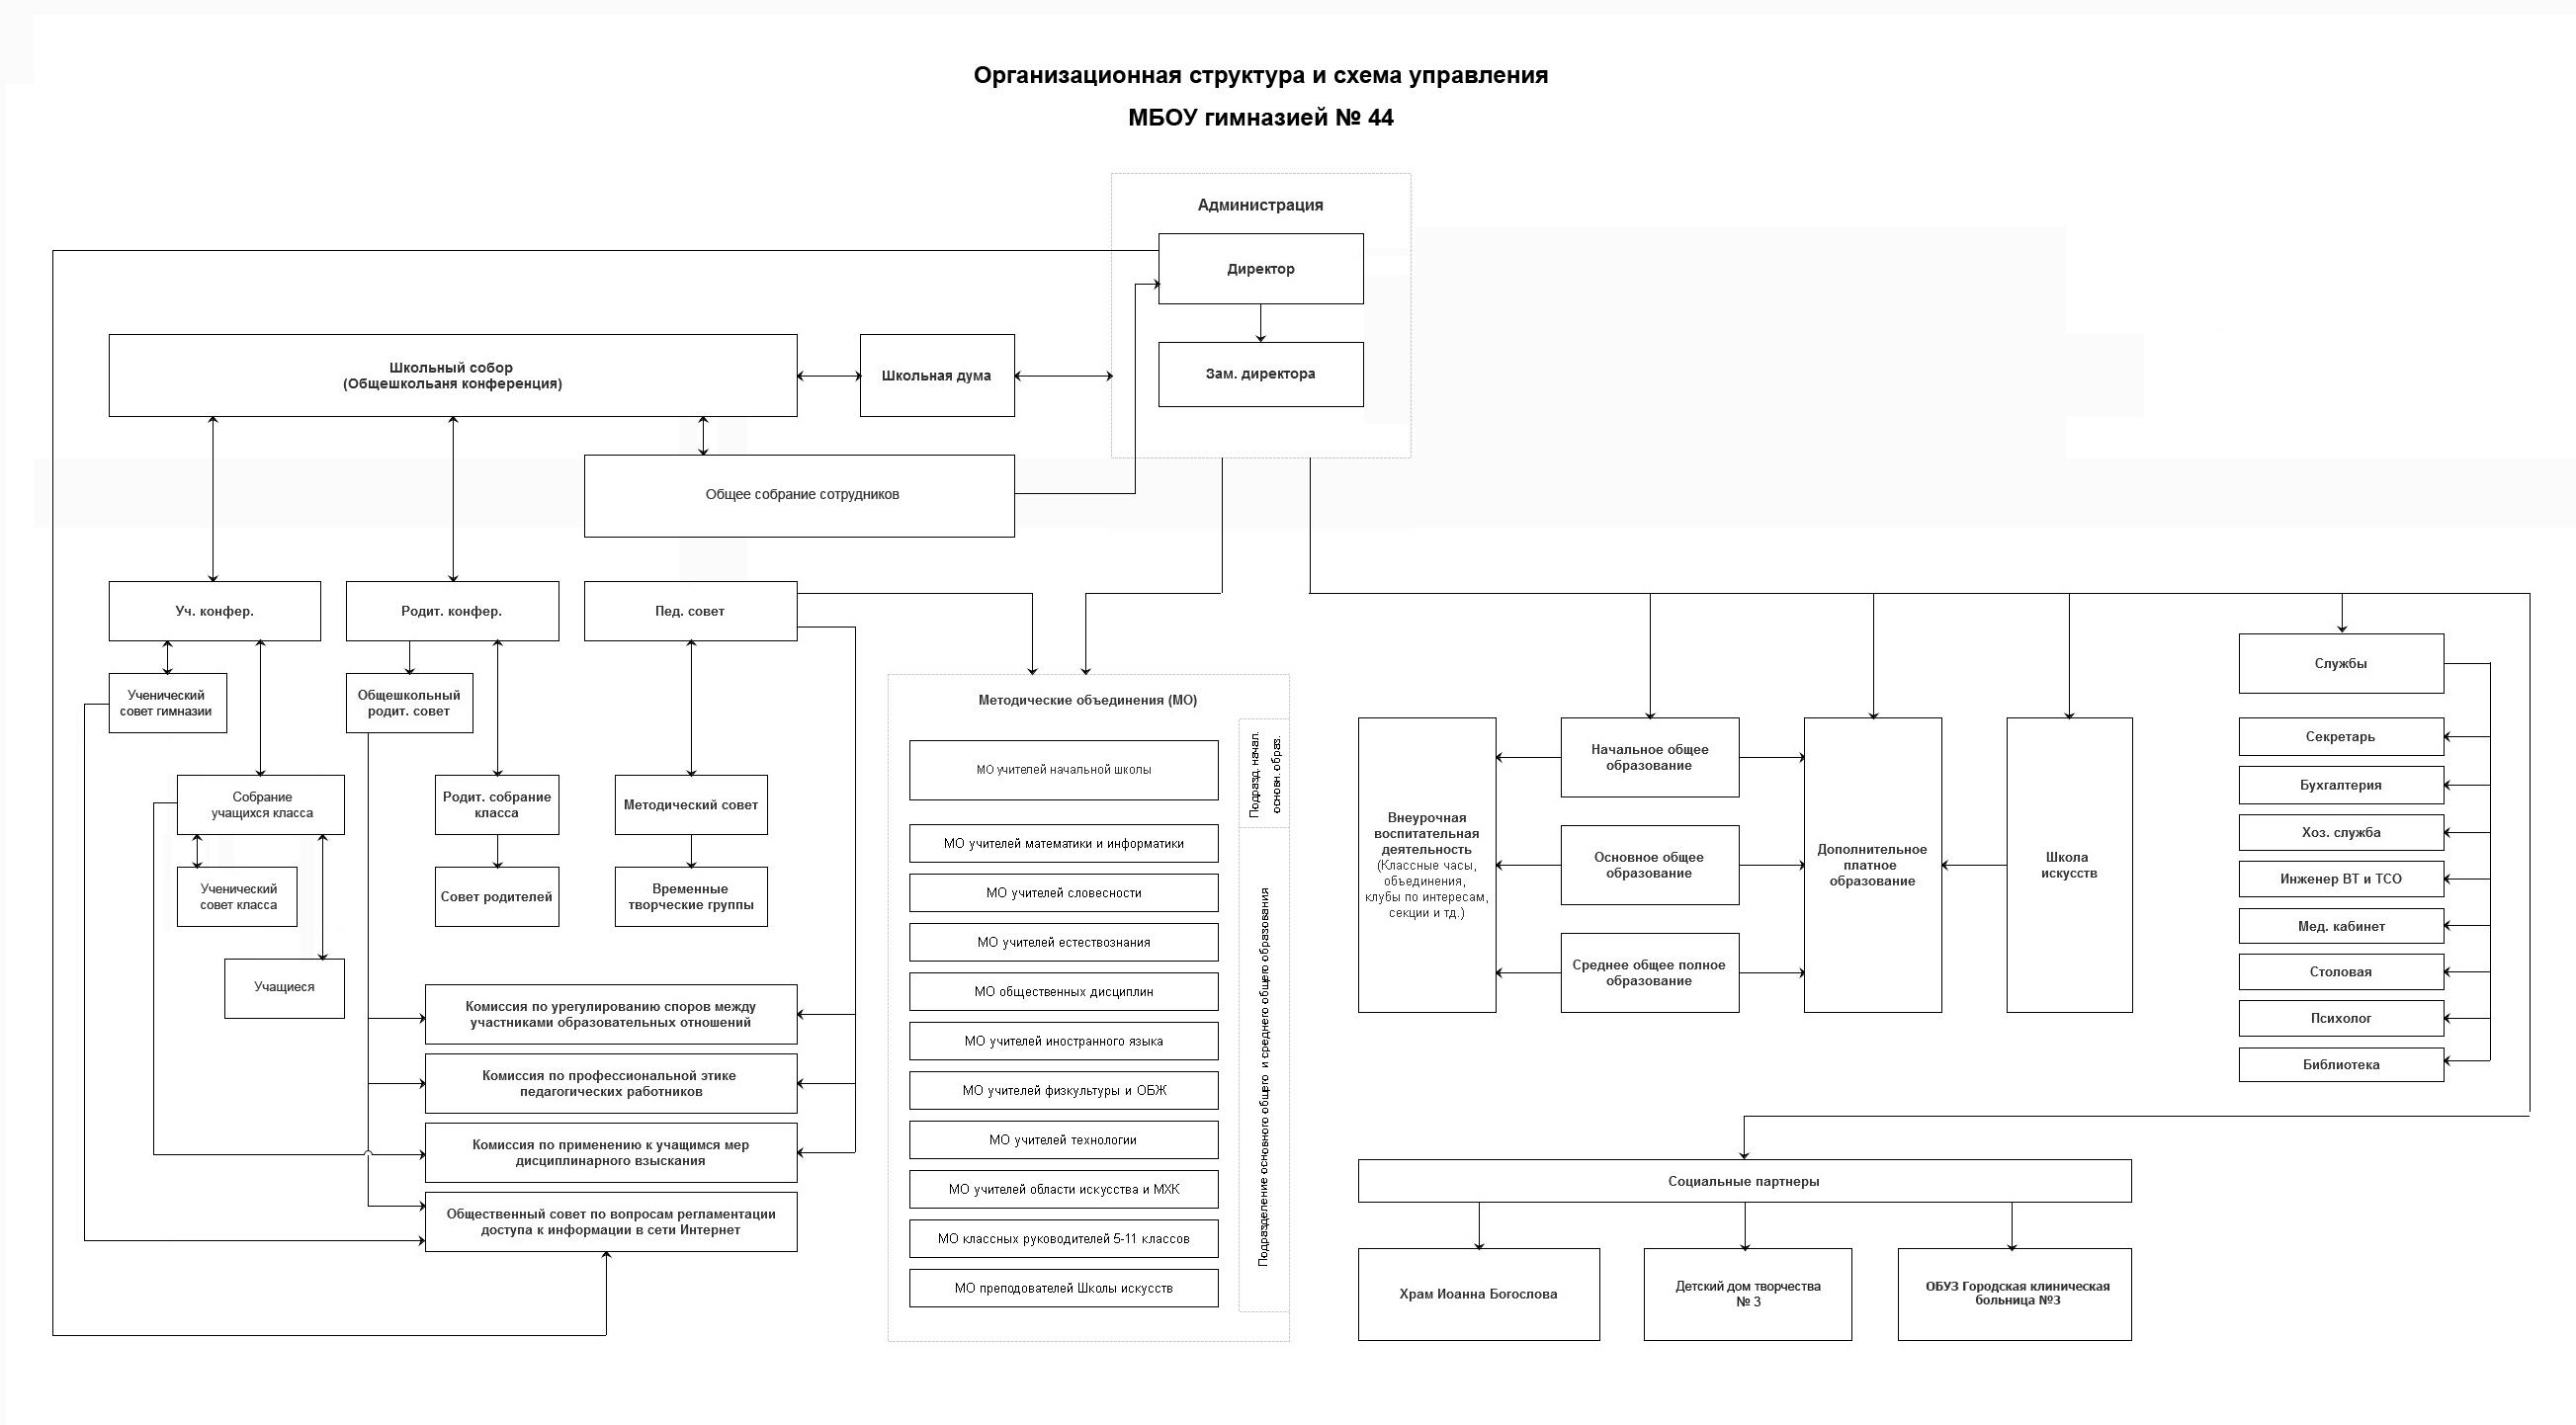 Схема управления в образовании фото 367